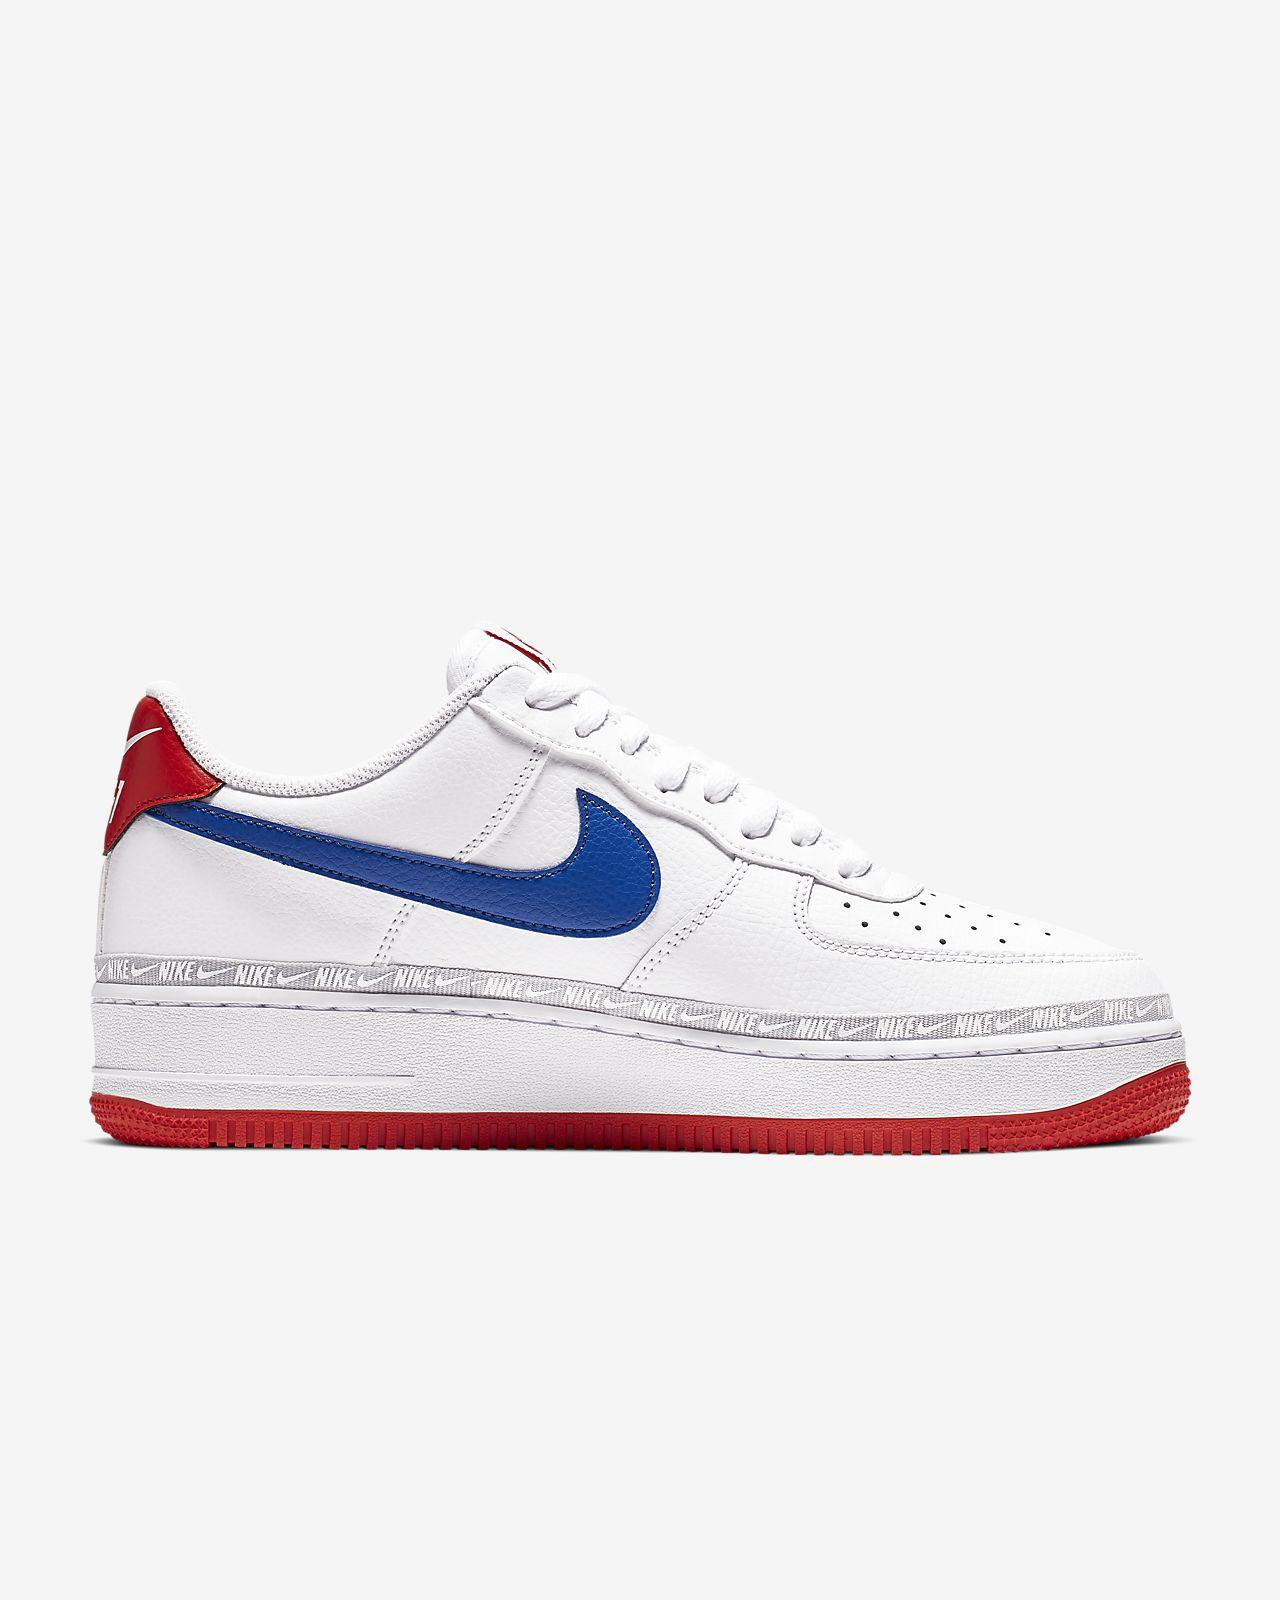 68b132e2e55 Nike Air Force 1  07 LV8 Zapatillas - Hombre. Nike.com ES